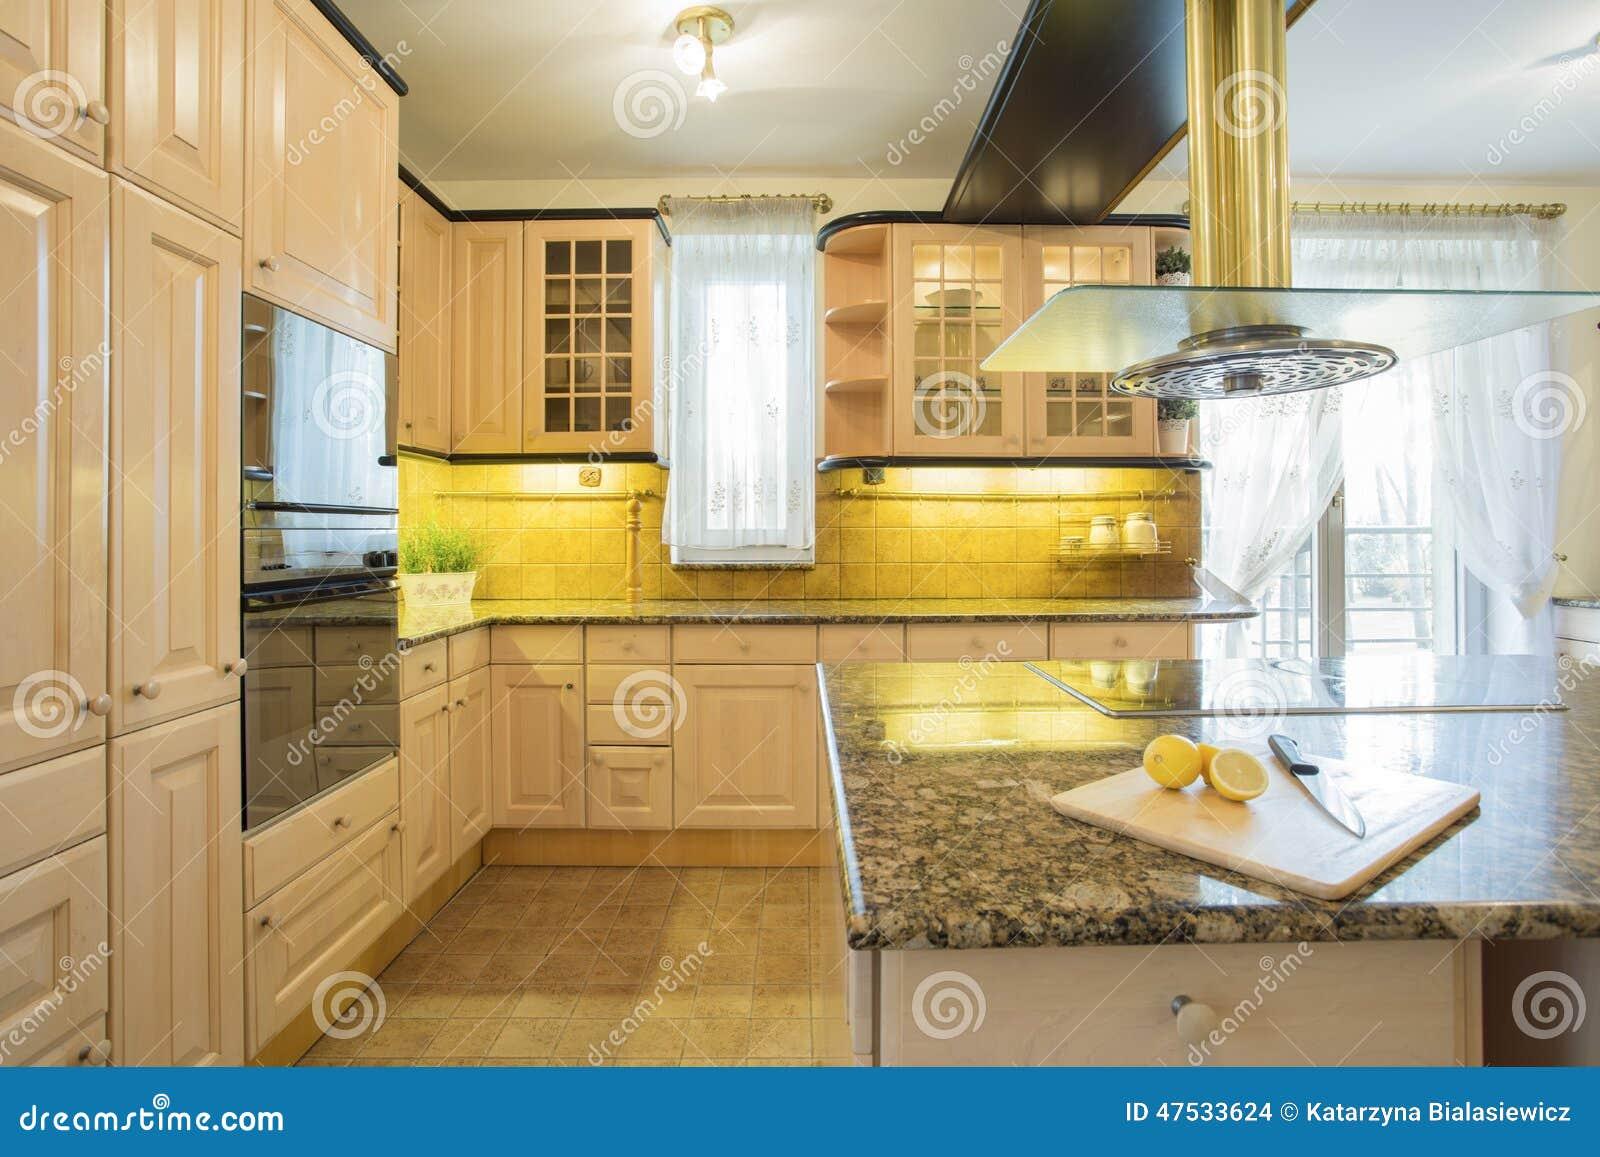 Muebles beige en cocina de lujo foto de archivo imagen - Muebles de cocina de lujo ...